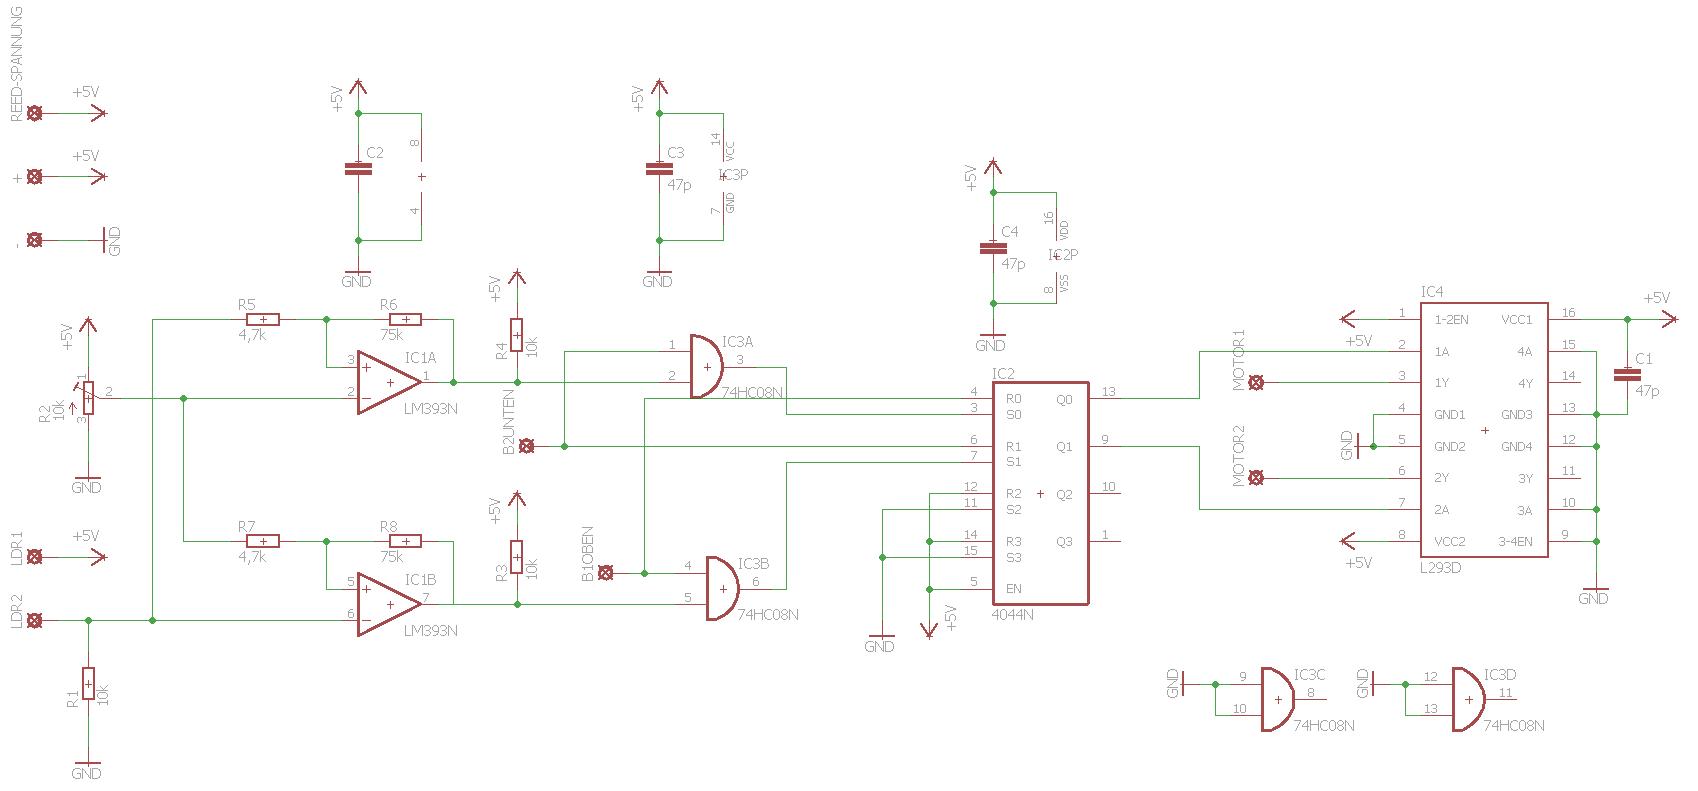 Ausgezeichnet Schaltung Ldr Zeitgenössisch - Elektrische Schaltplan ...